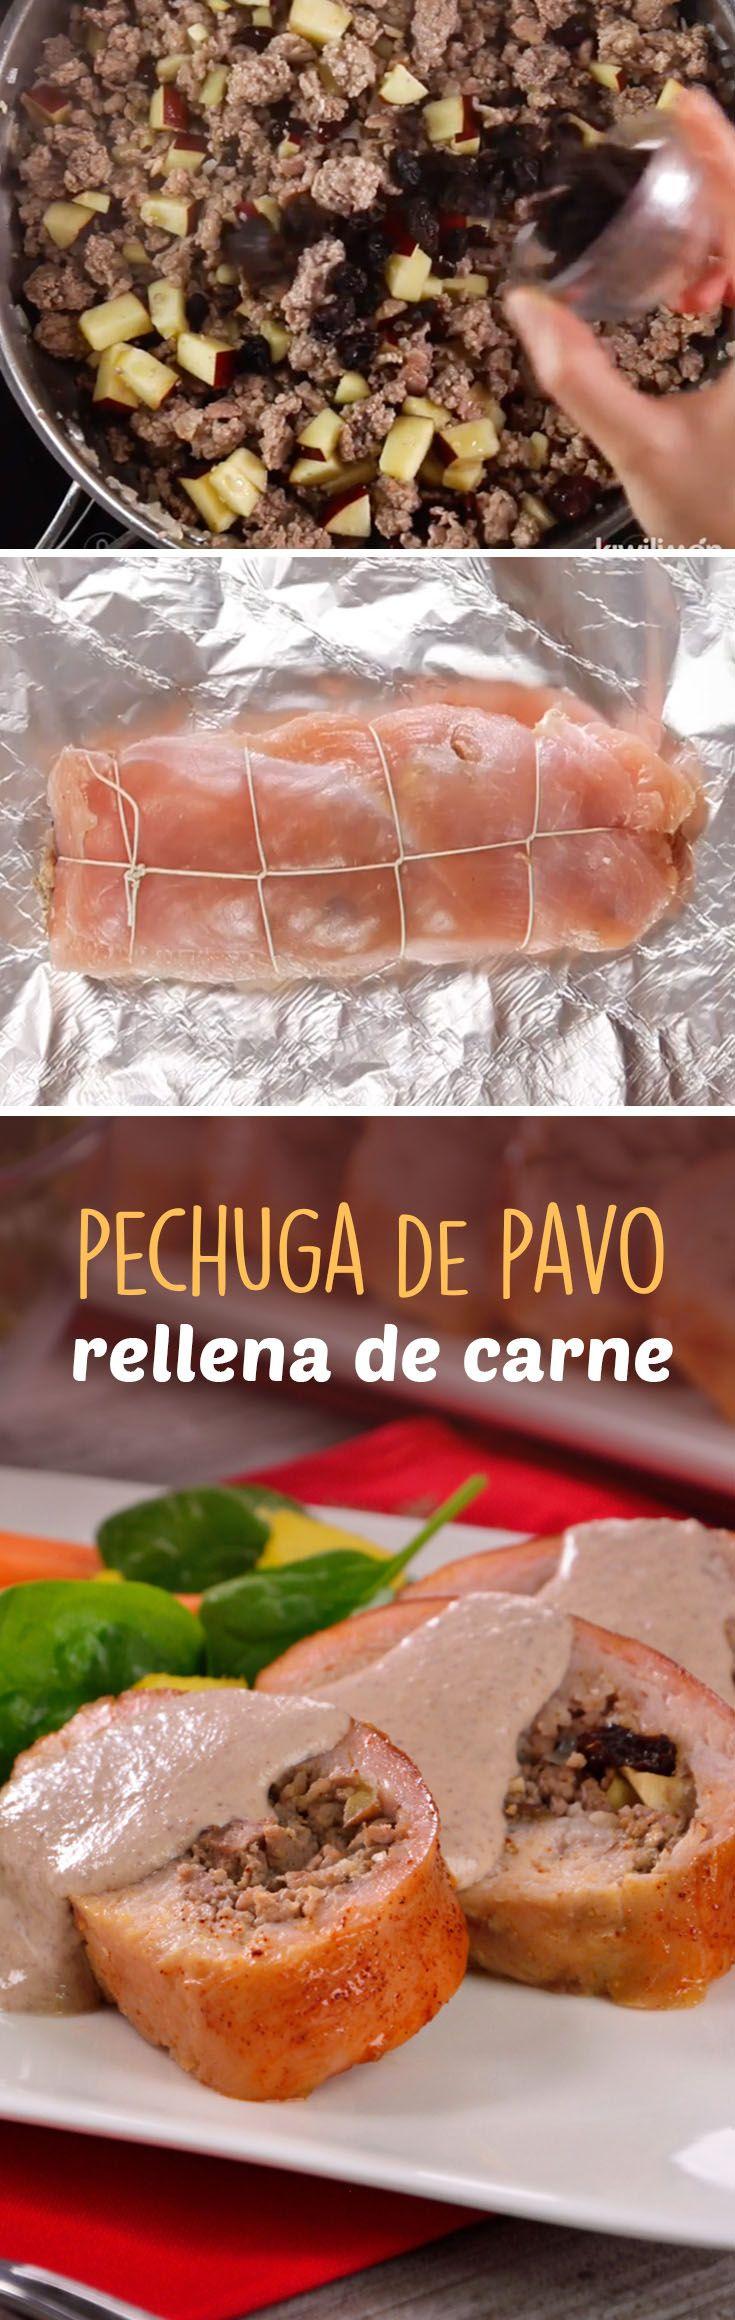 Prepara una deliciosa pechuga de pavo rellenad de carnes para Navidad